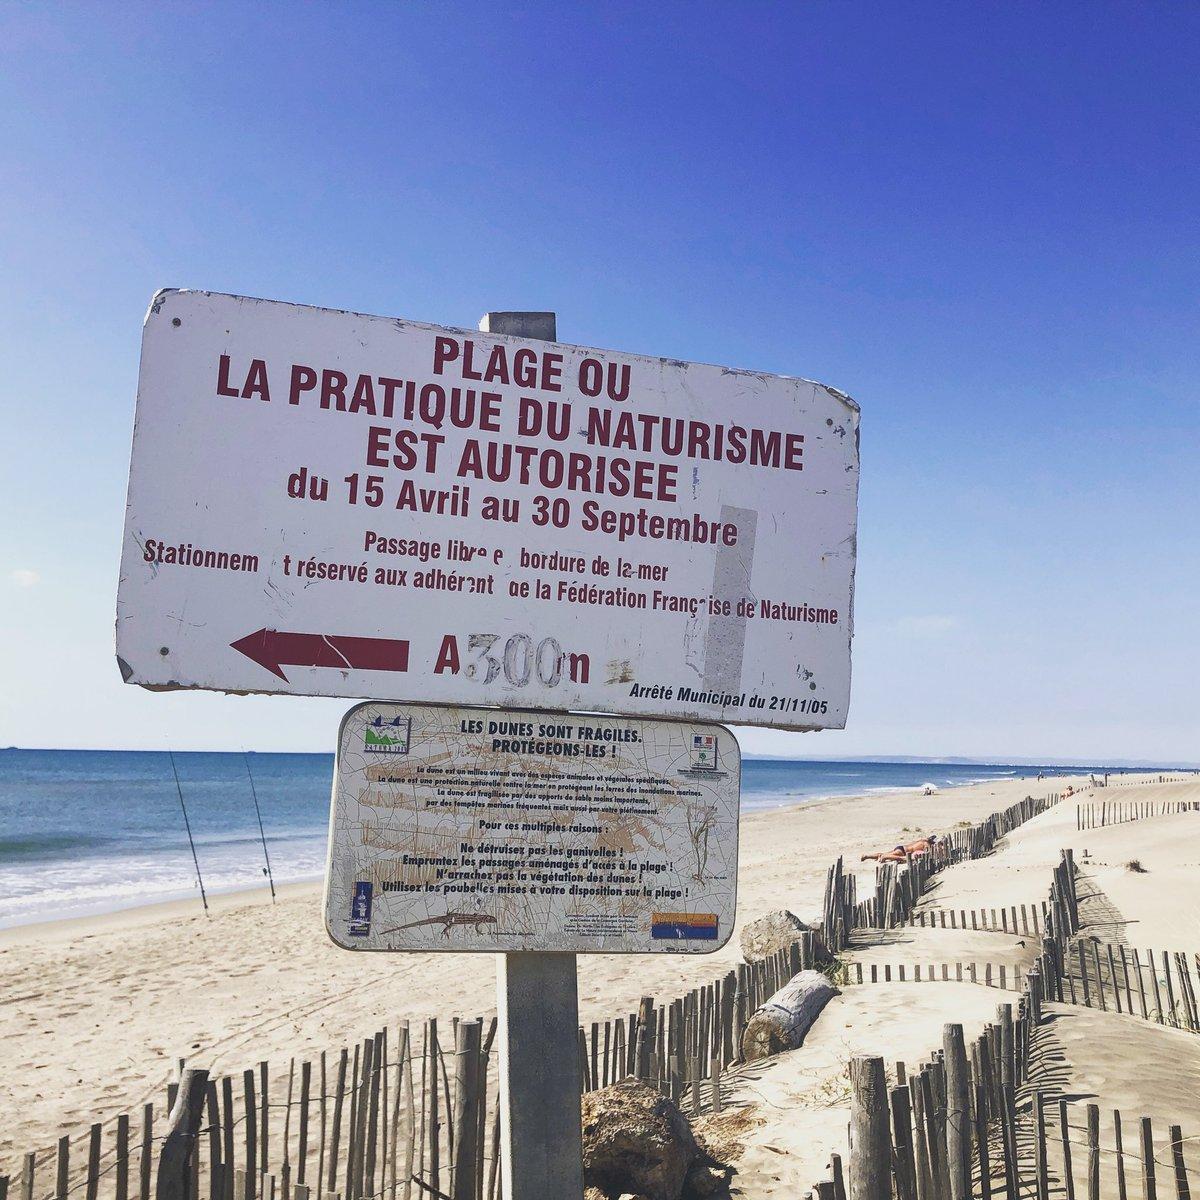 Un site d'hydrocarbures de l'#OTAN se trouve à seulement 500 mètres de la plage naturiste de l'#Espiguette, (la plus belle plage de #Camargue ) :  six cuves semi-enfouies de 11m3 chacune, pleines de #kerosene hautement explosif.  - FestivalFocus